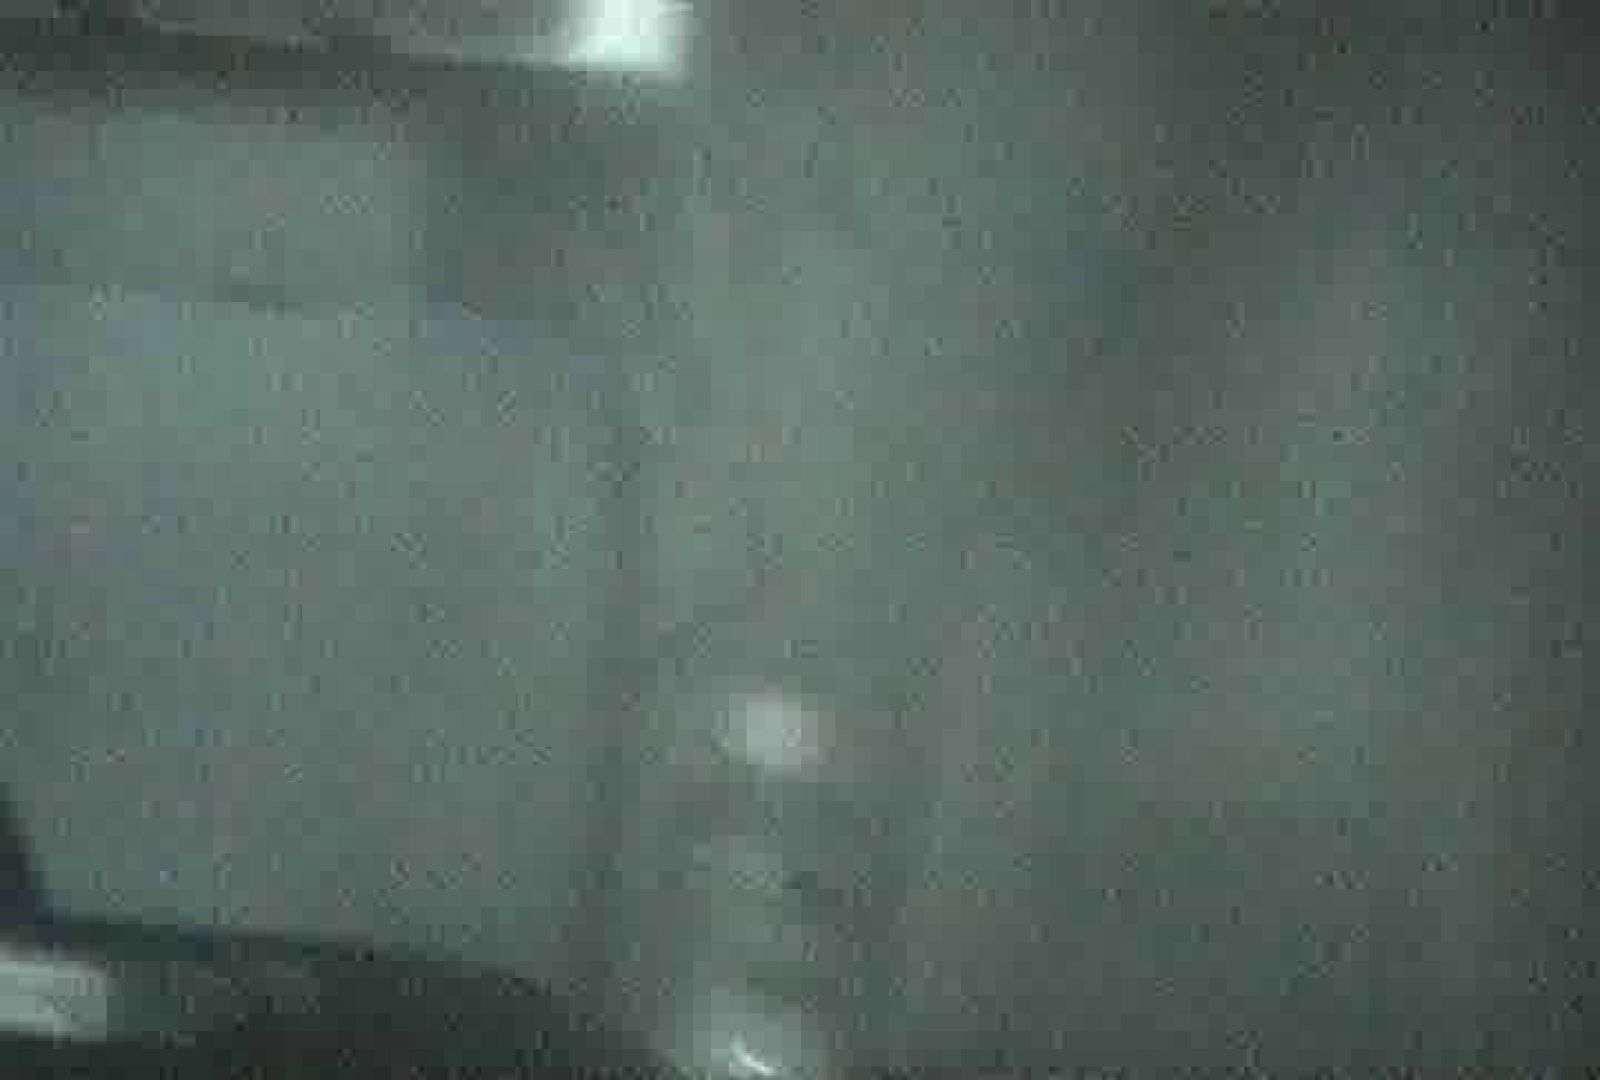 充血監督の深夜の運動会Vol.74 S級美女ギャル オマンコ動画キャプチャ 98画像 23